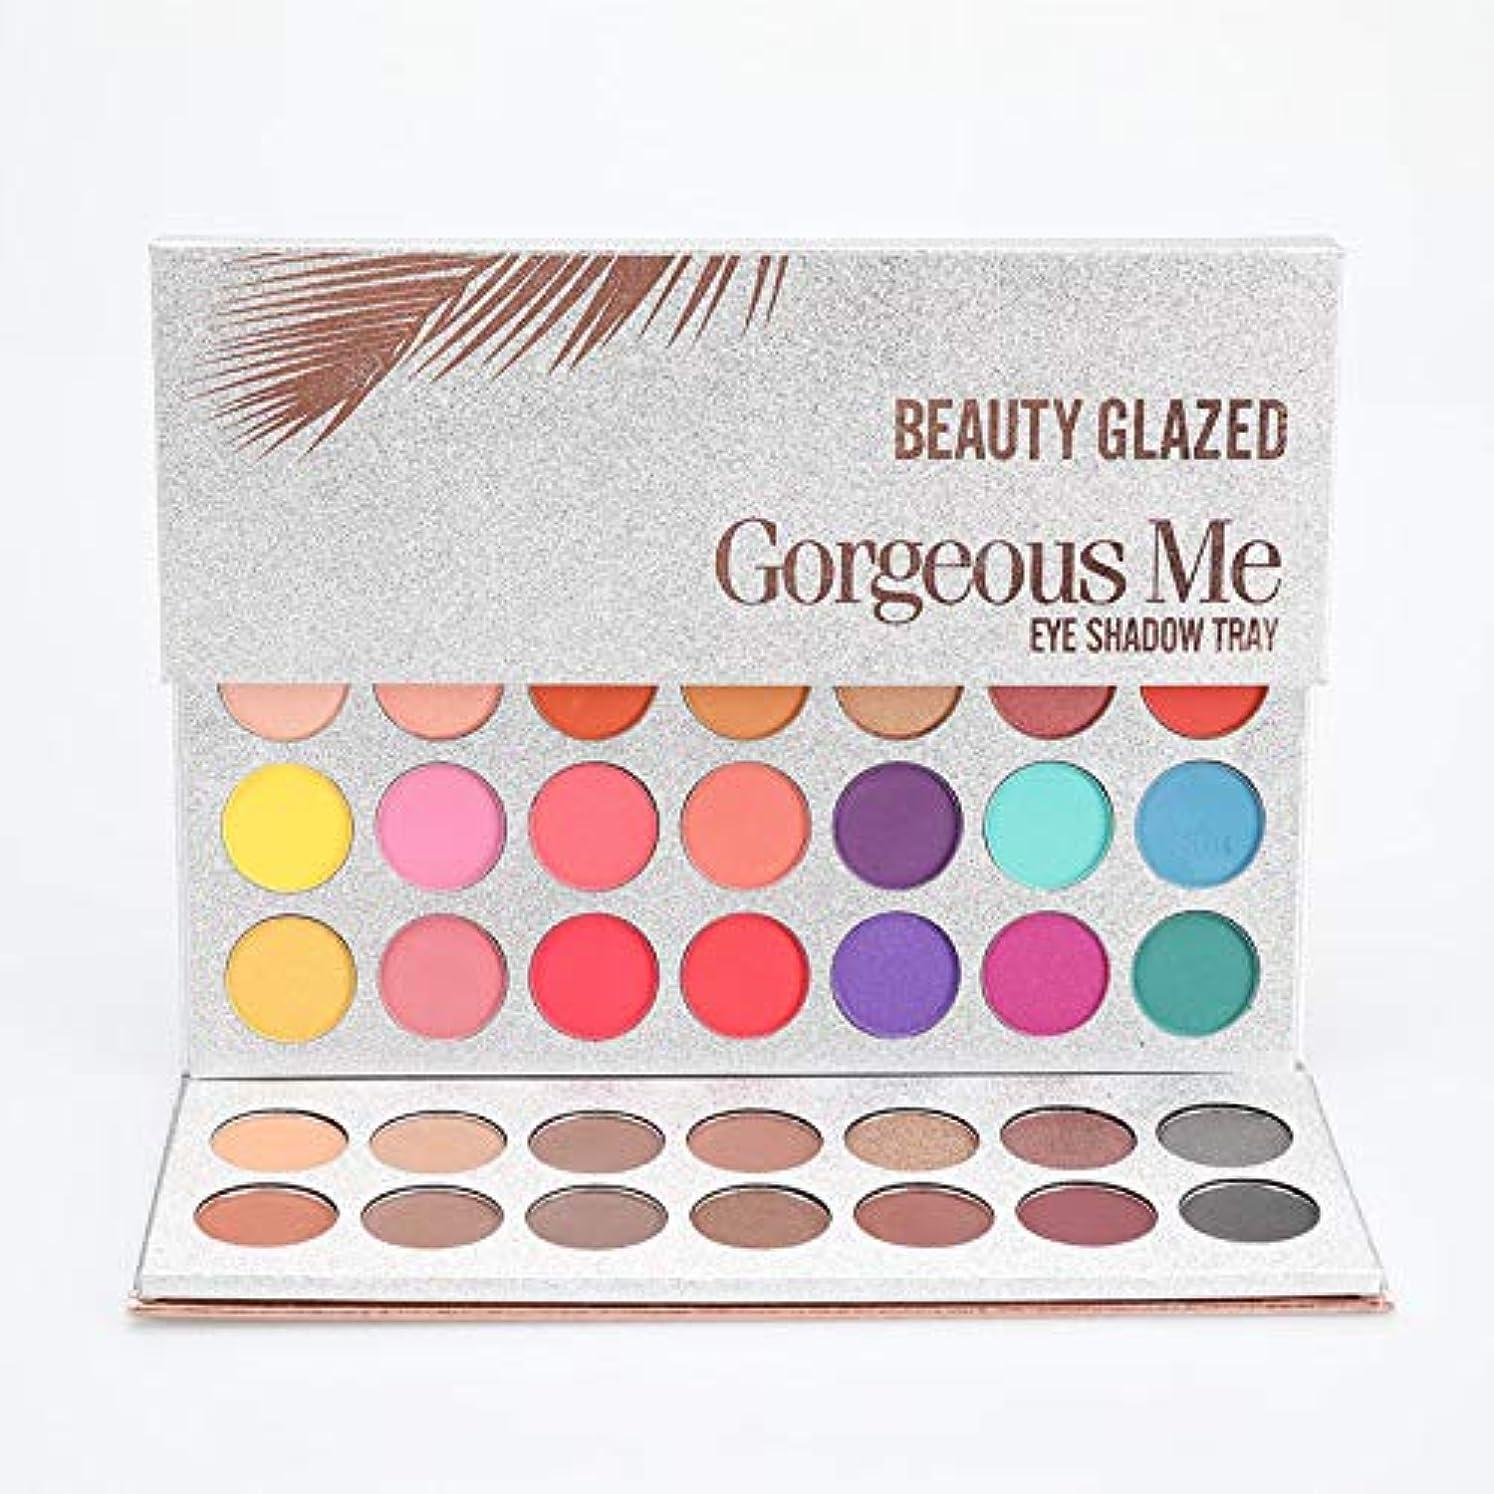 位置するリンク浮く63 Color eyeshadow pallete Glitter Makeup Matte Eye shadow make up palette maquillage paleta de sombra 63色のアイシャドーパレエキラキラメイクアップマットアイシャドウメイクアップパレットマキアージュパレタデムブラブ